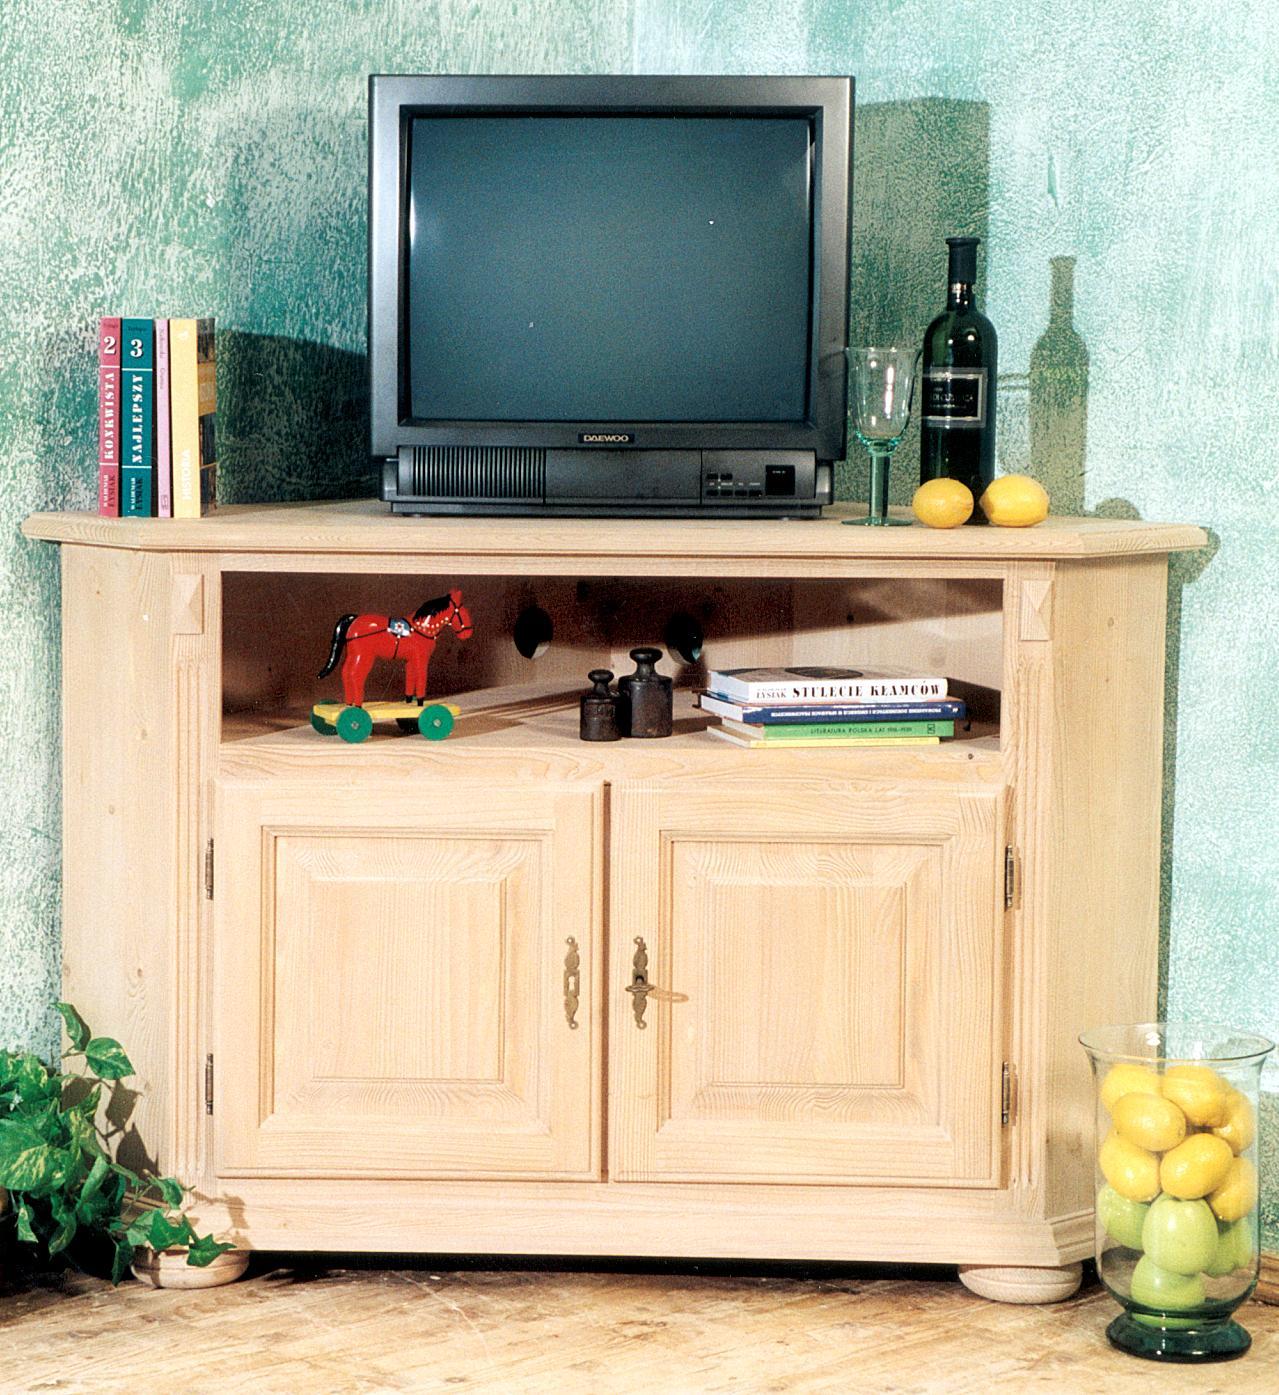 gro eckschrank f r fernseher galerie die kinderzimmer. Black Bedroom Furniture Sets. Home Design Ideas